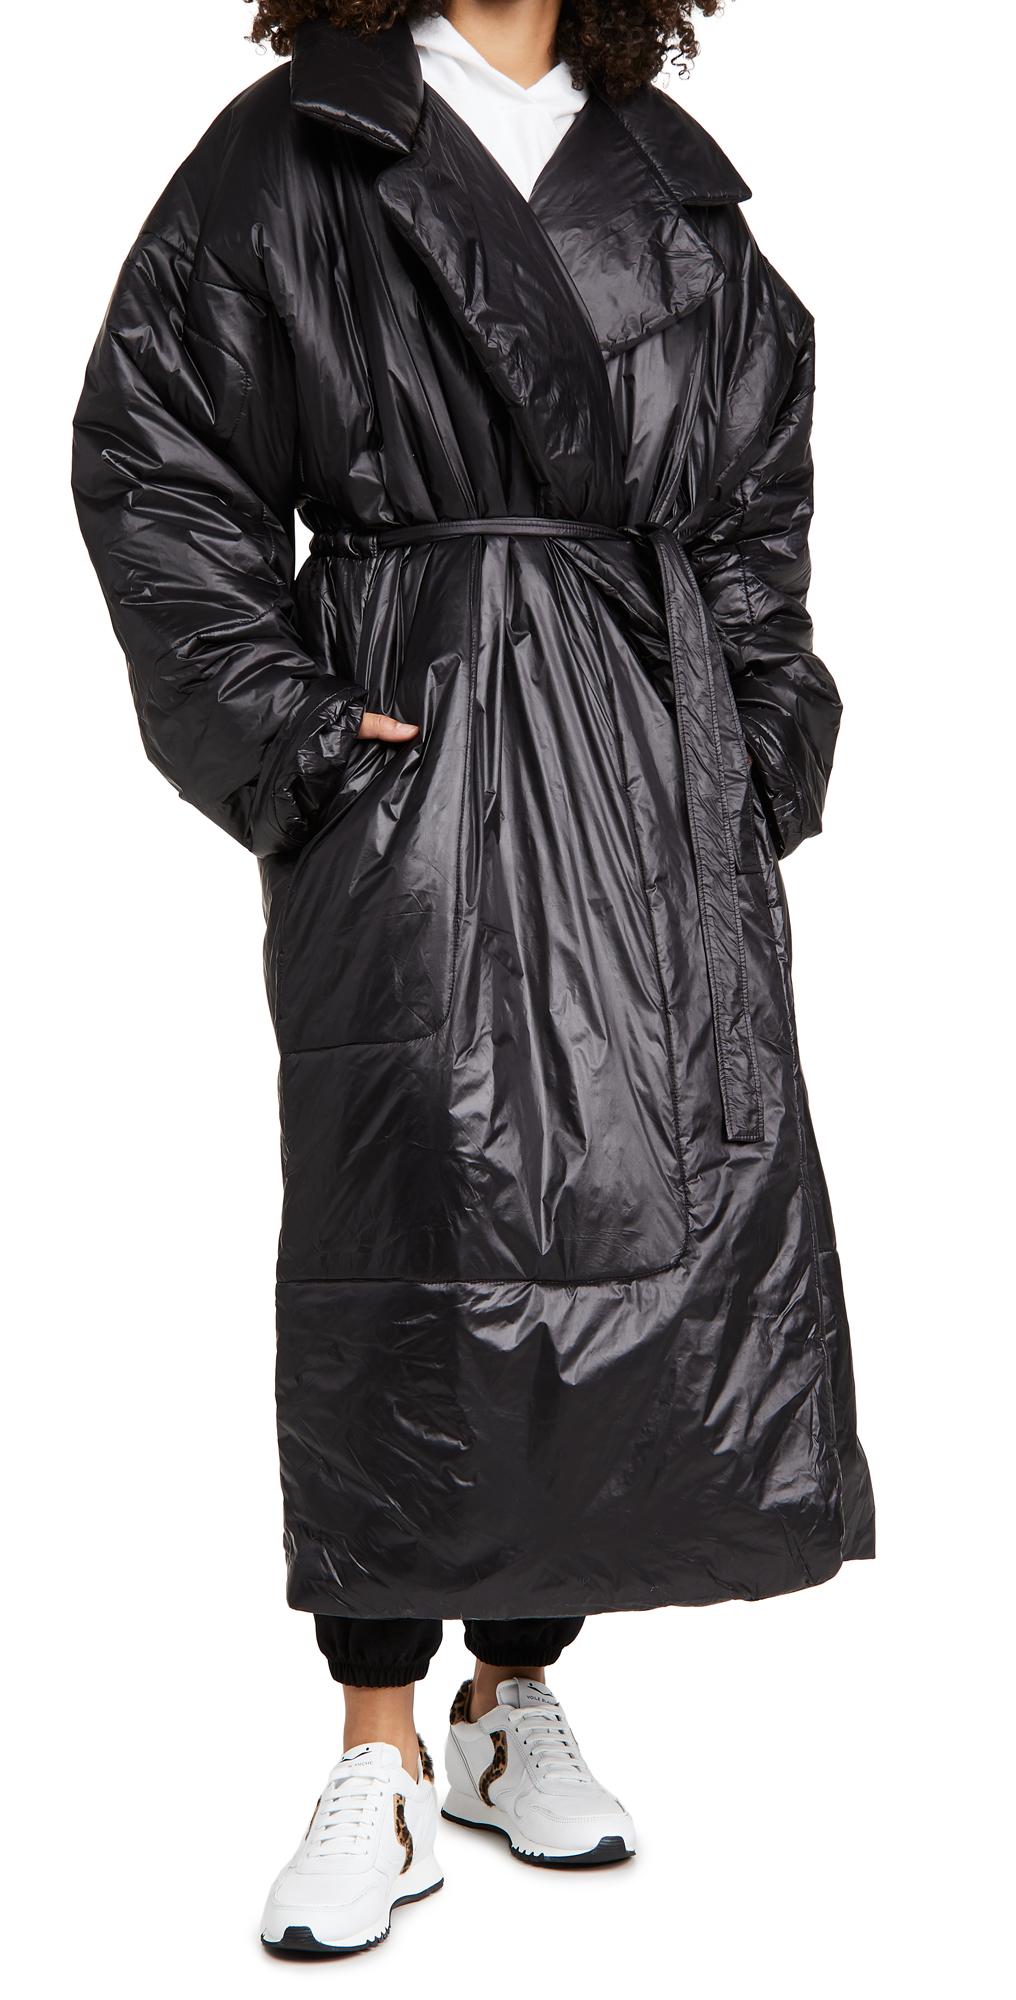 Norma Kamali Oversized Sleeping Bag Coat